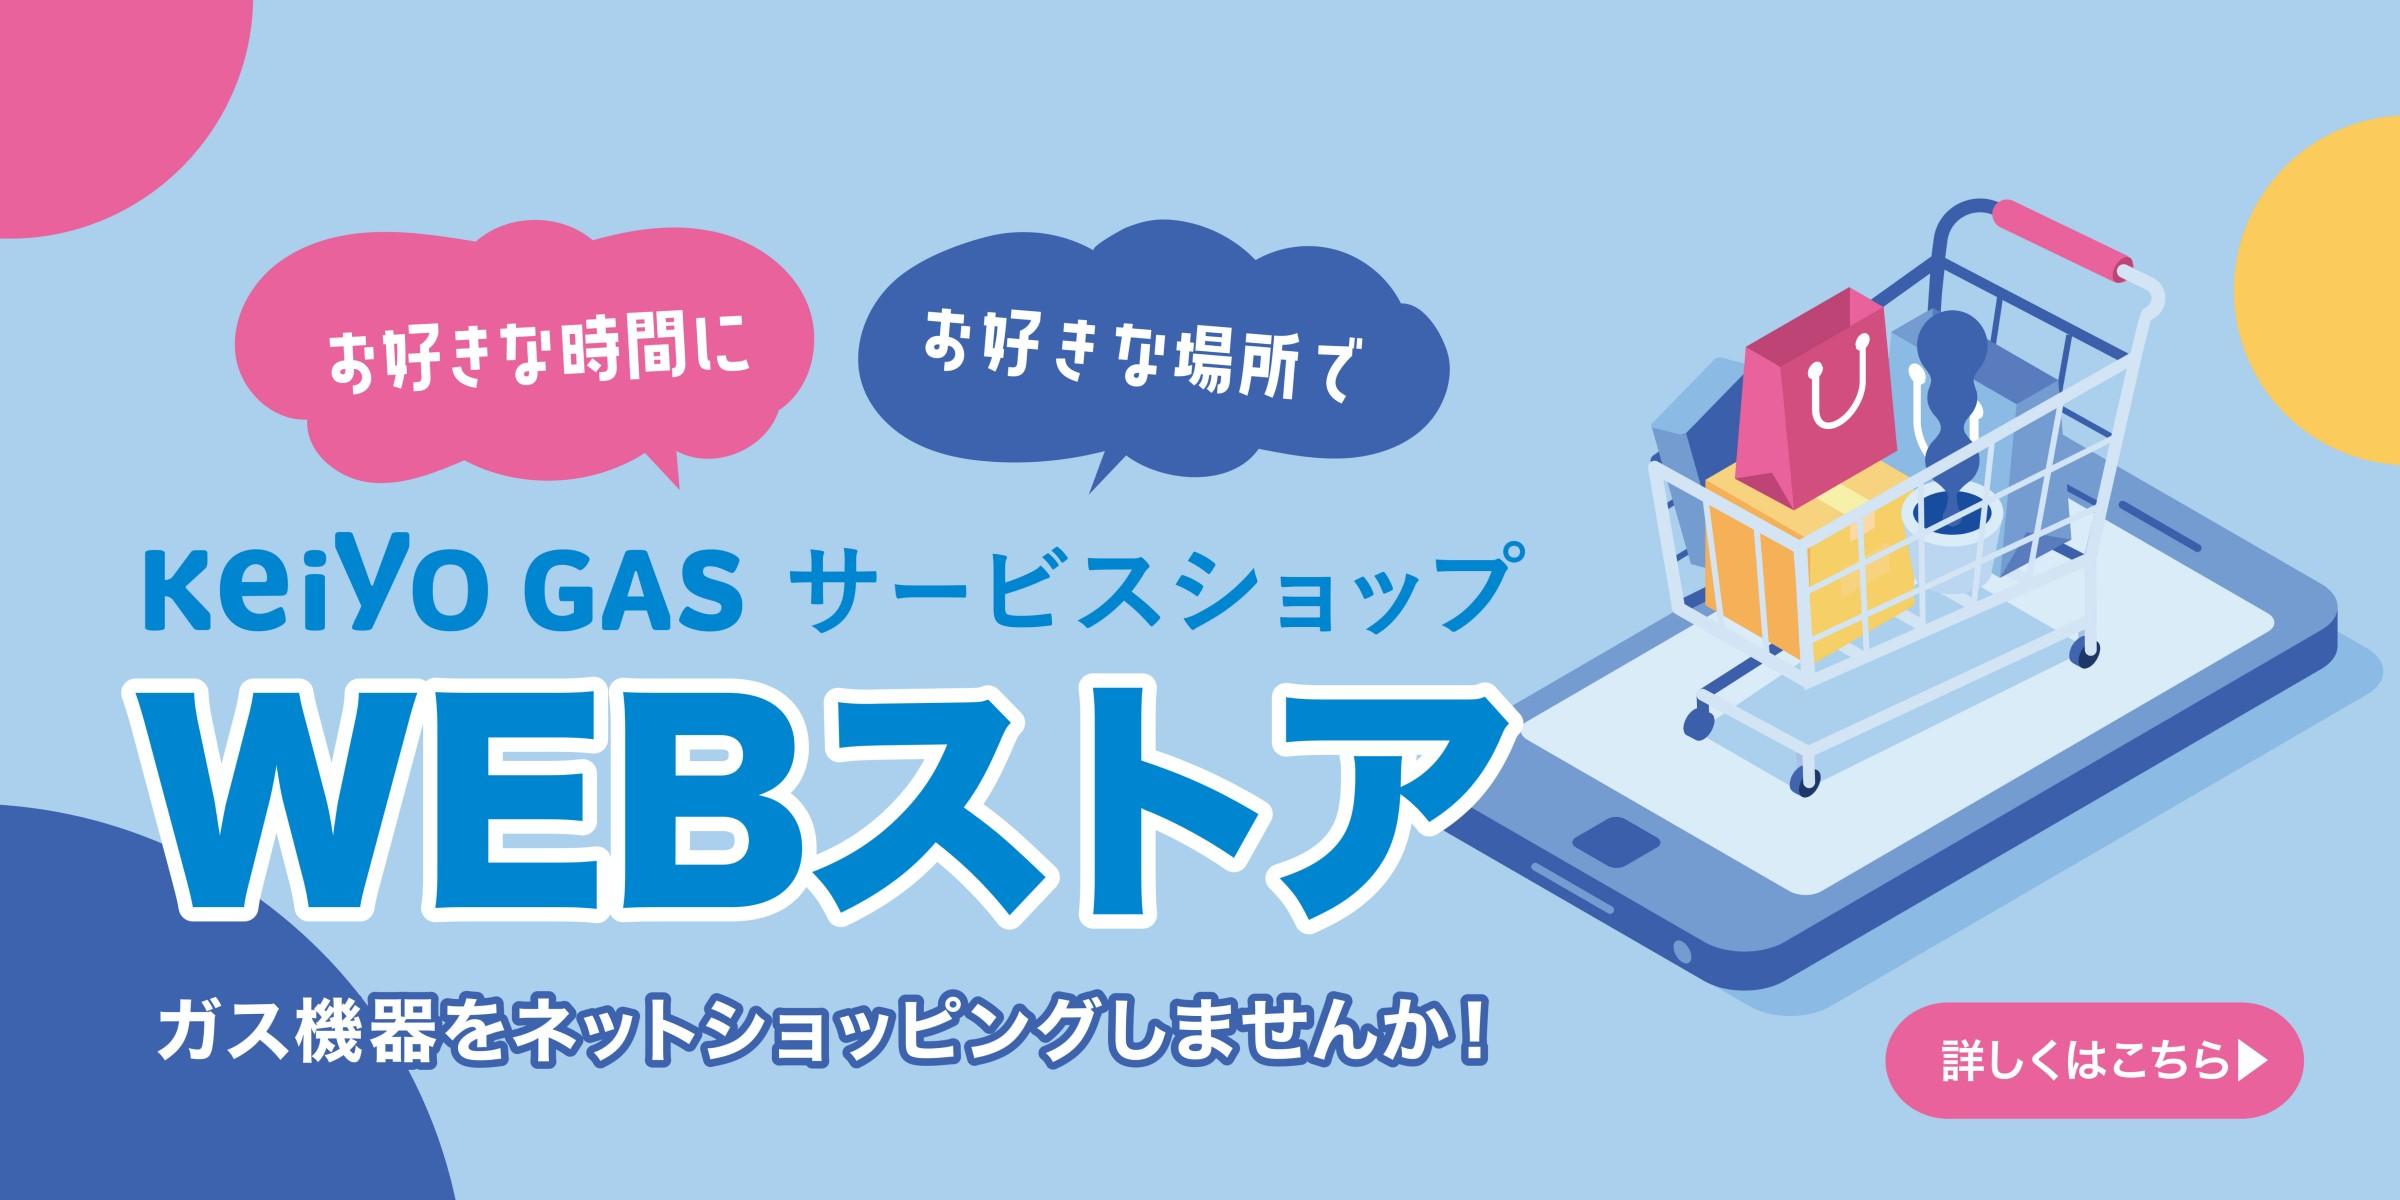 京葉ガスサービスショップWEBストア